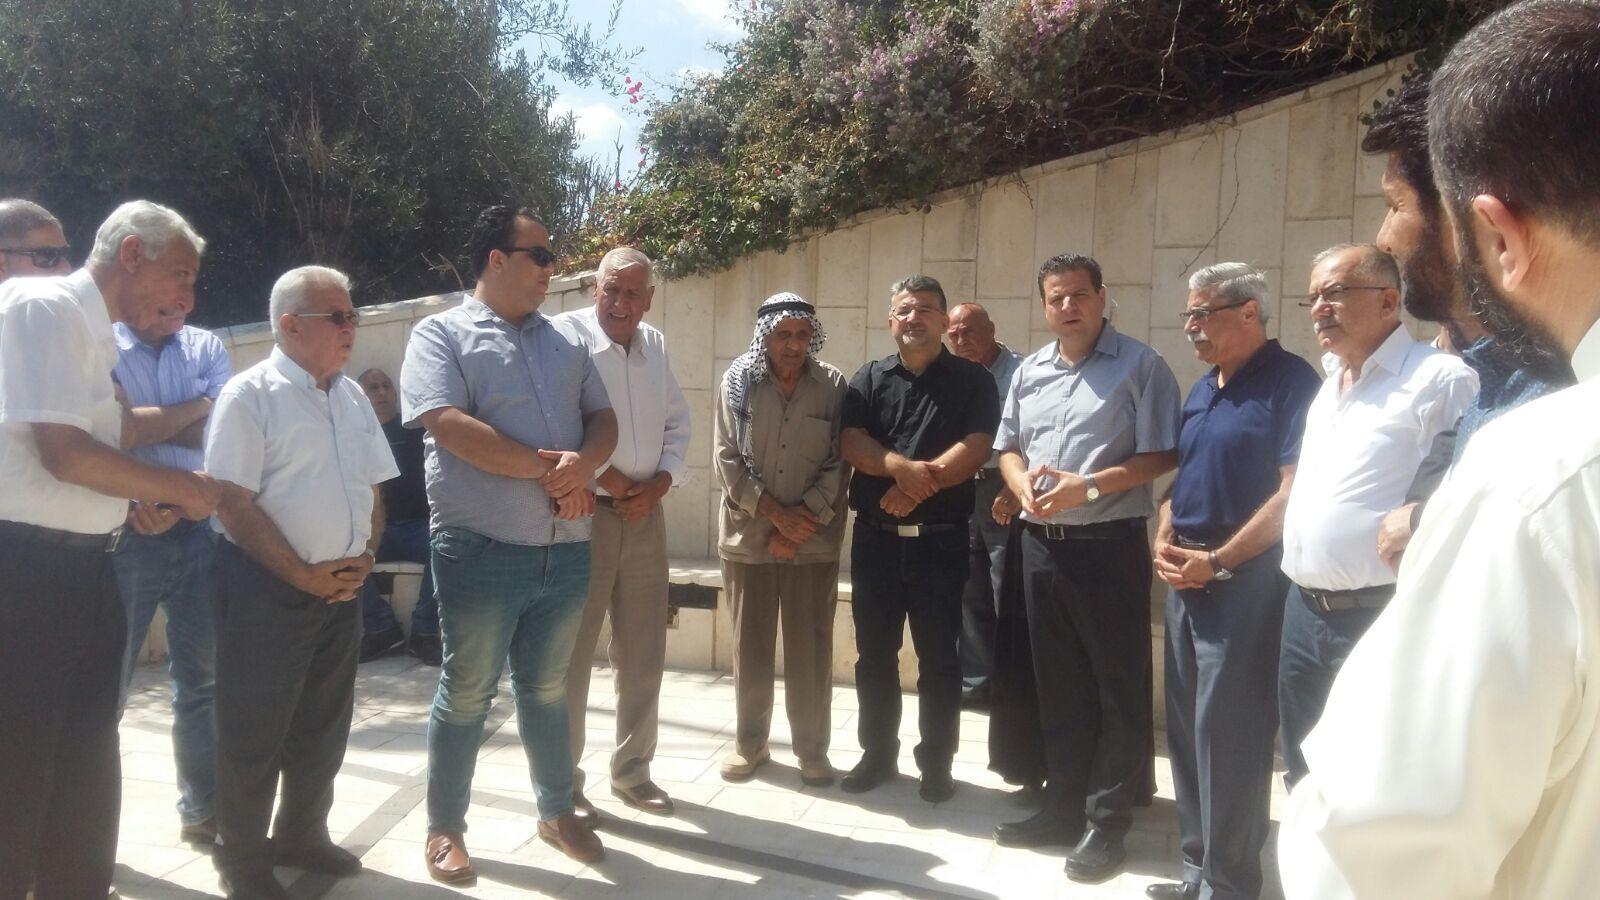 إحياء ذكرى هبة القدس والأقصى بزيارة أضرحة الشهداء